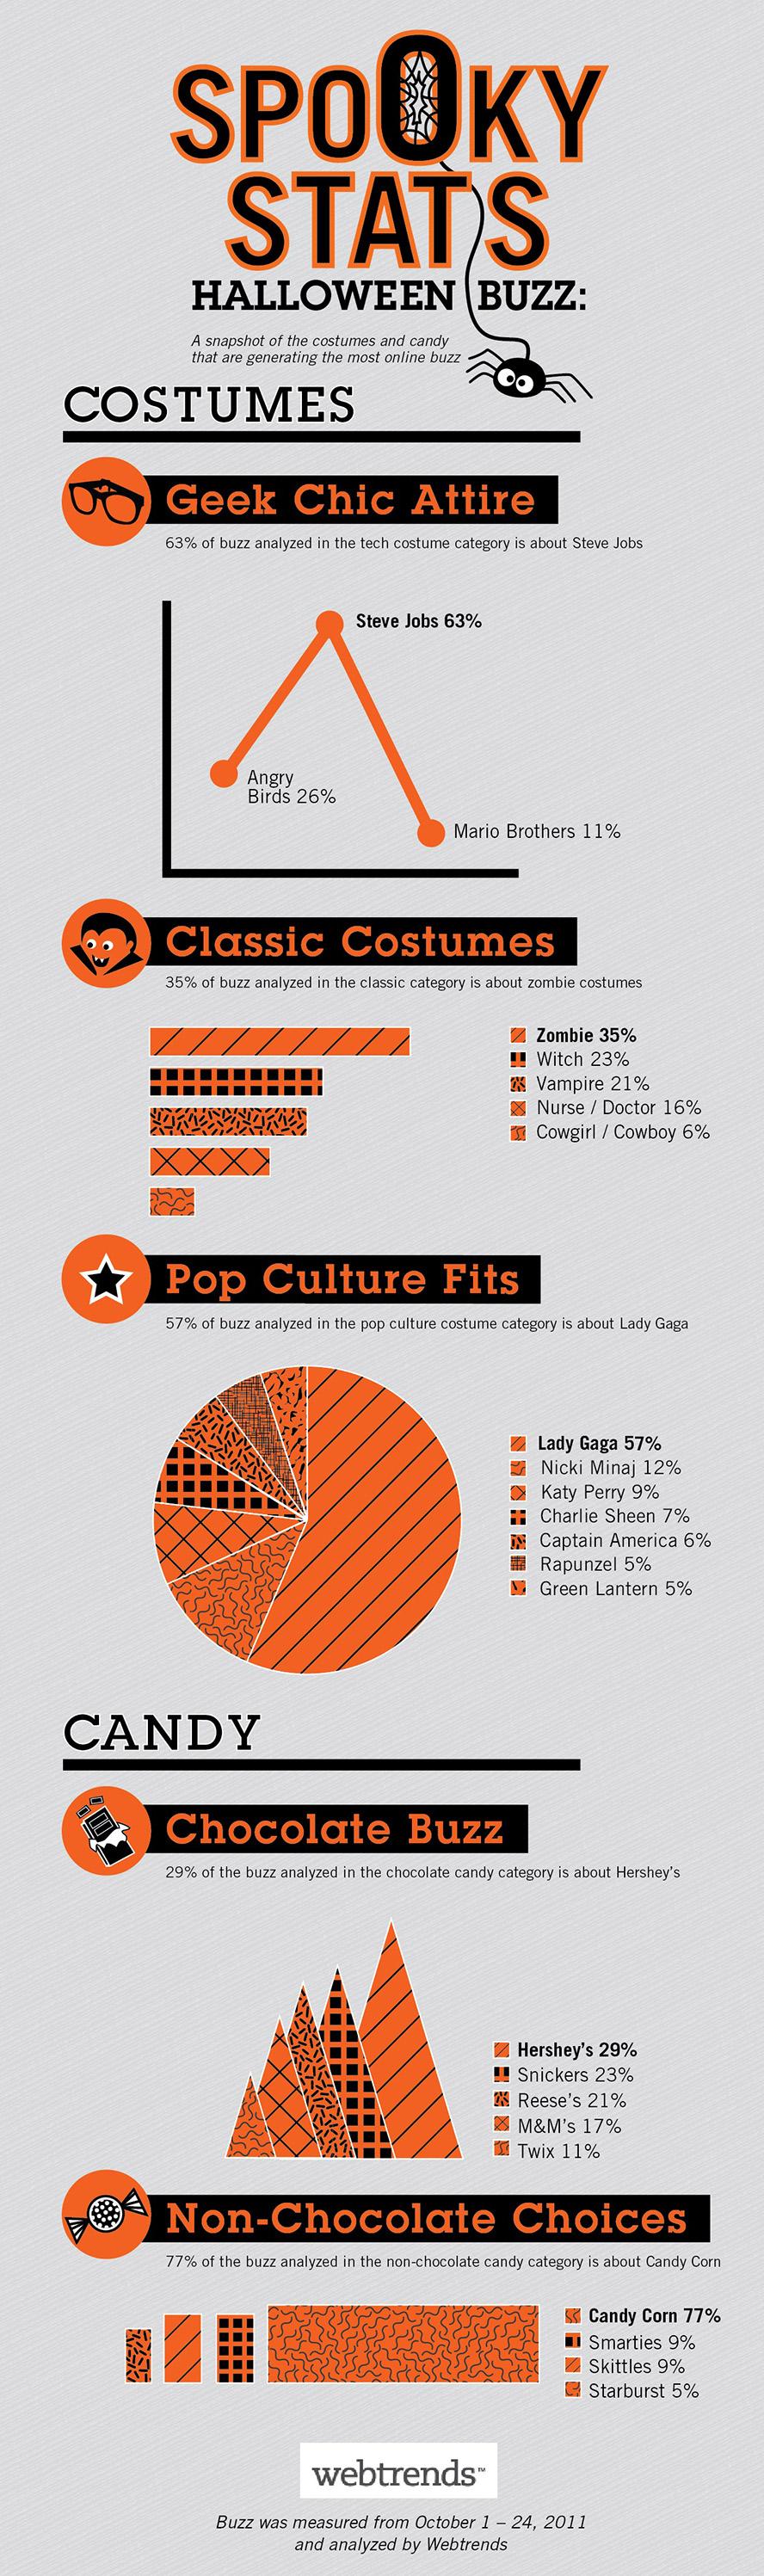 Американцы оделись в «Стива Джобса» на Хэллоуин